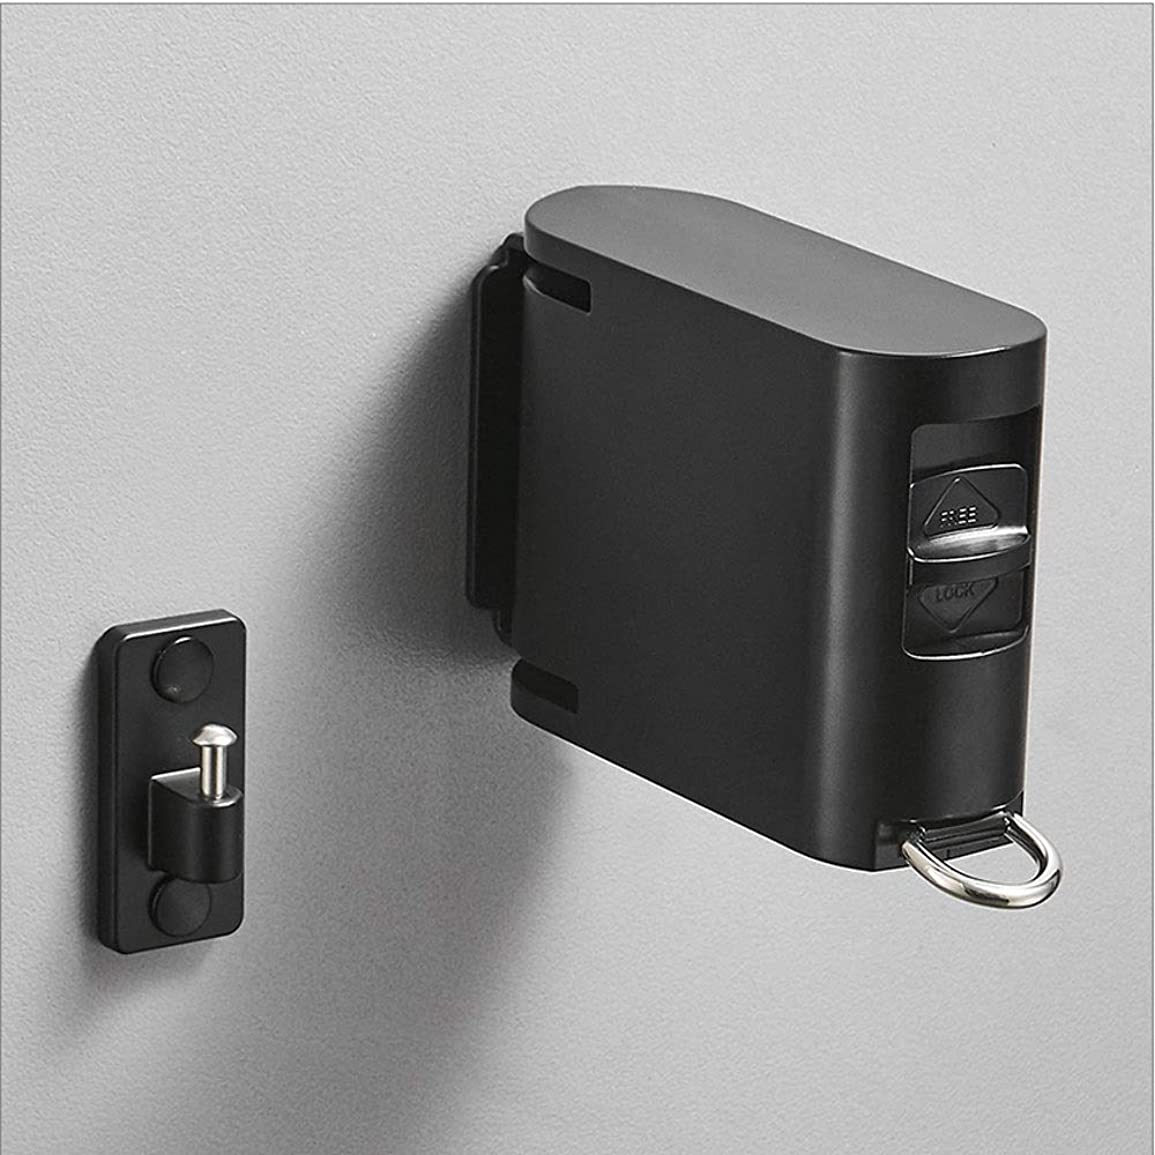 繰り返し微弱動揺させるOPcFKV バルコニー見えないシュリンク洗濯物乾燥キルト無料パンチング服アーティファクト屋内伸縮ラックアパートバスルーム (Color : Black)